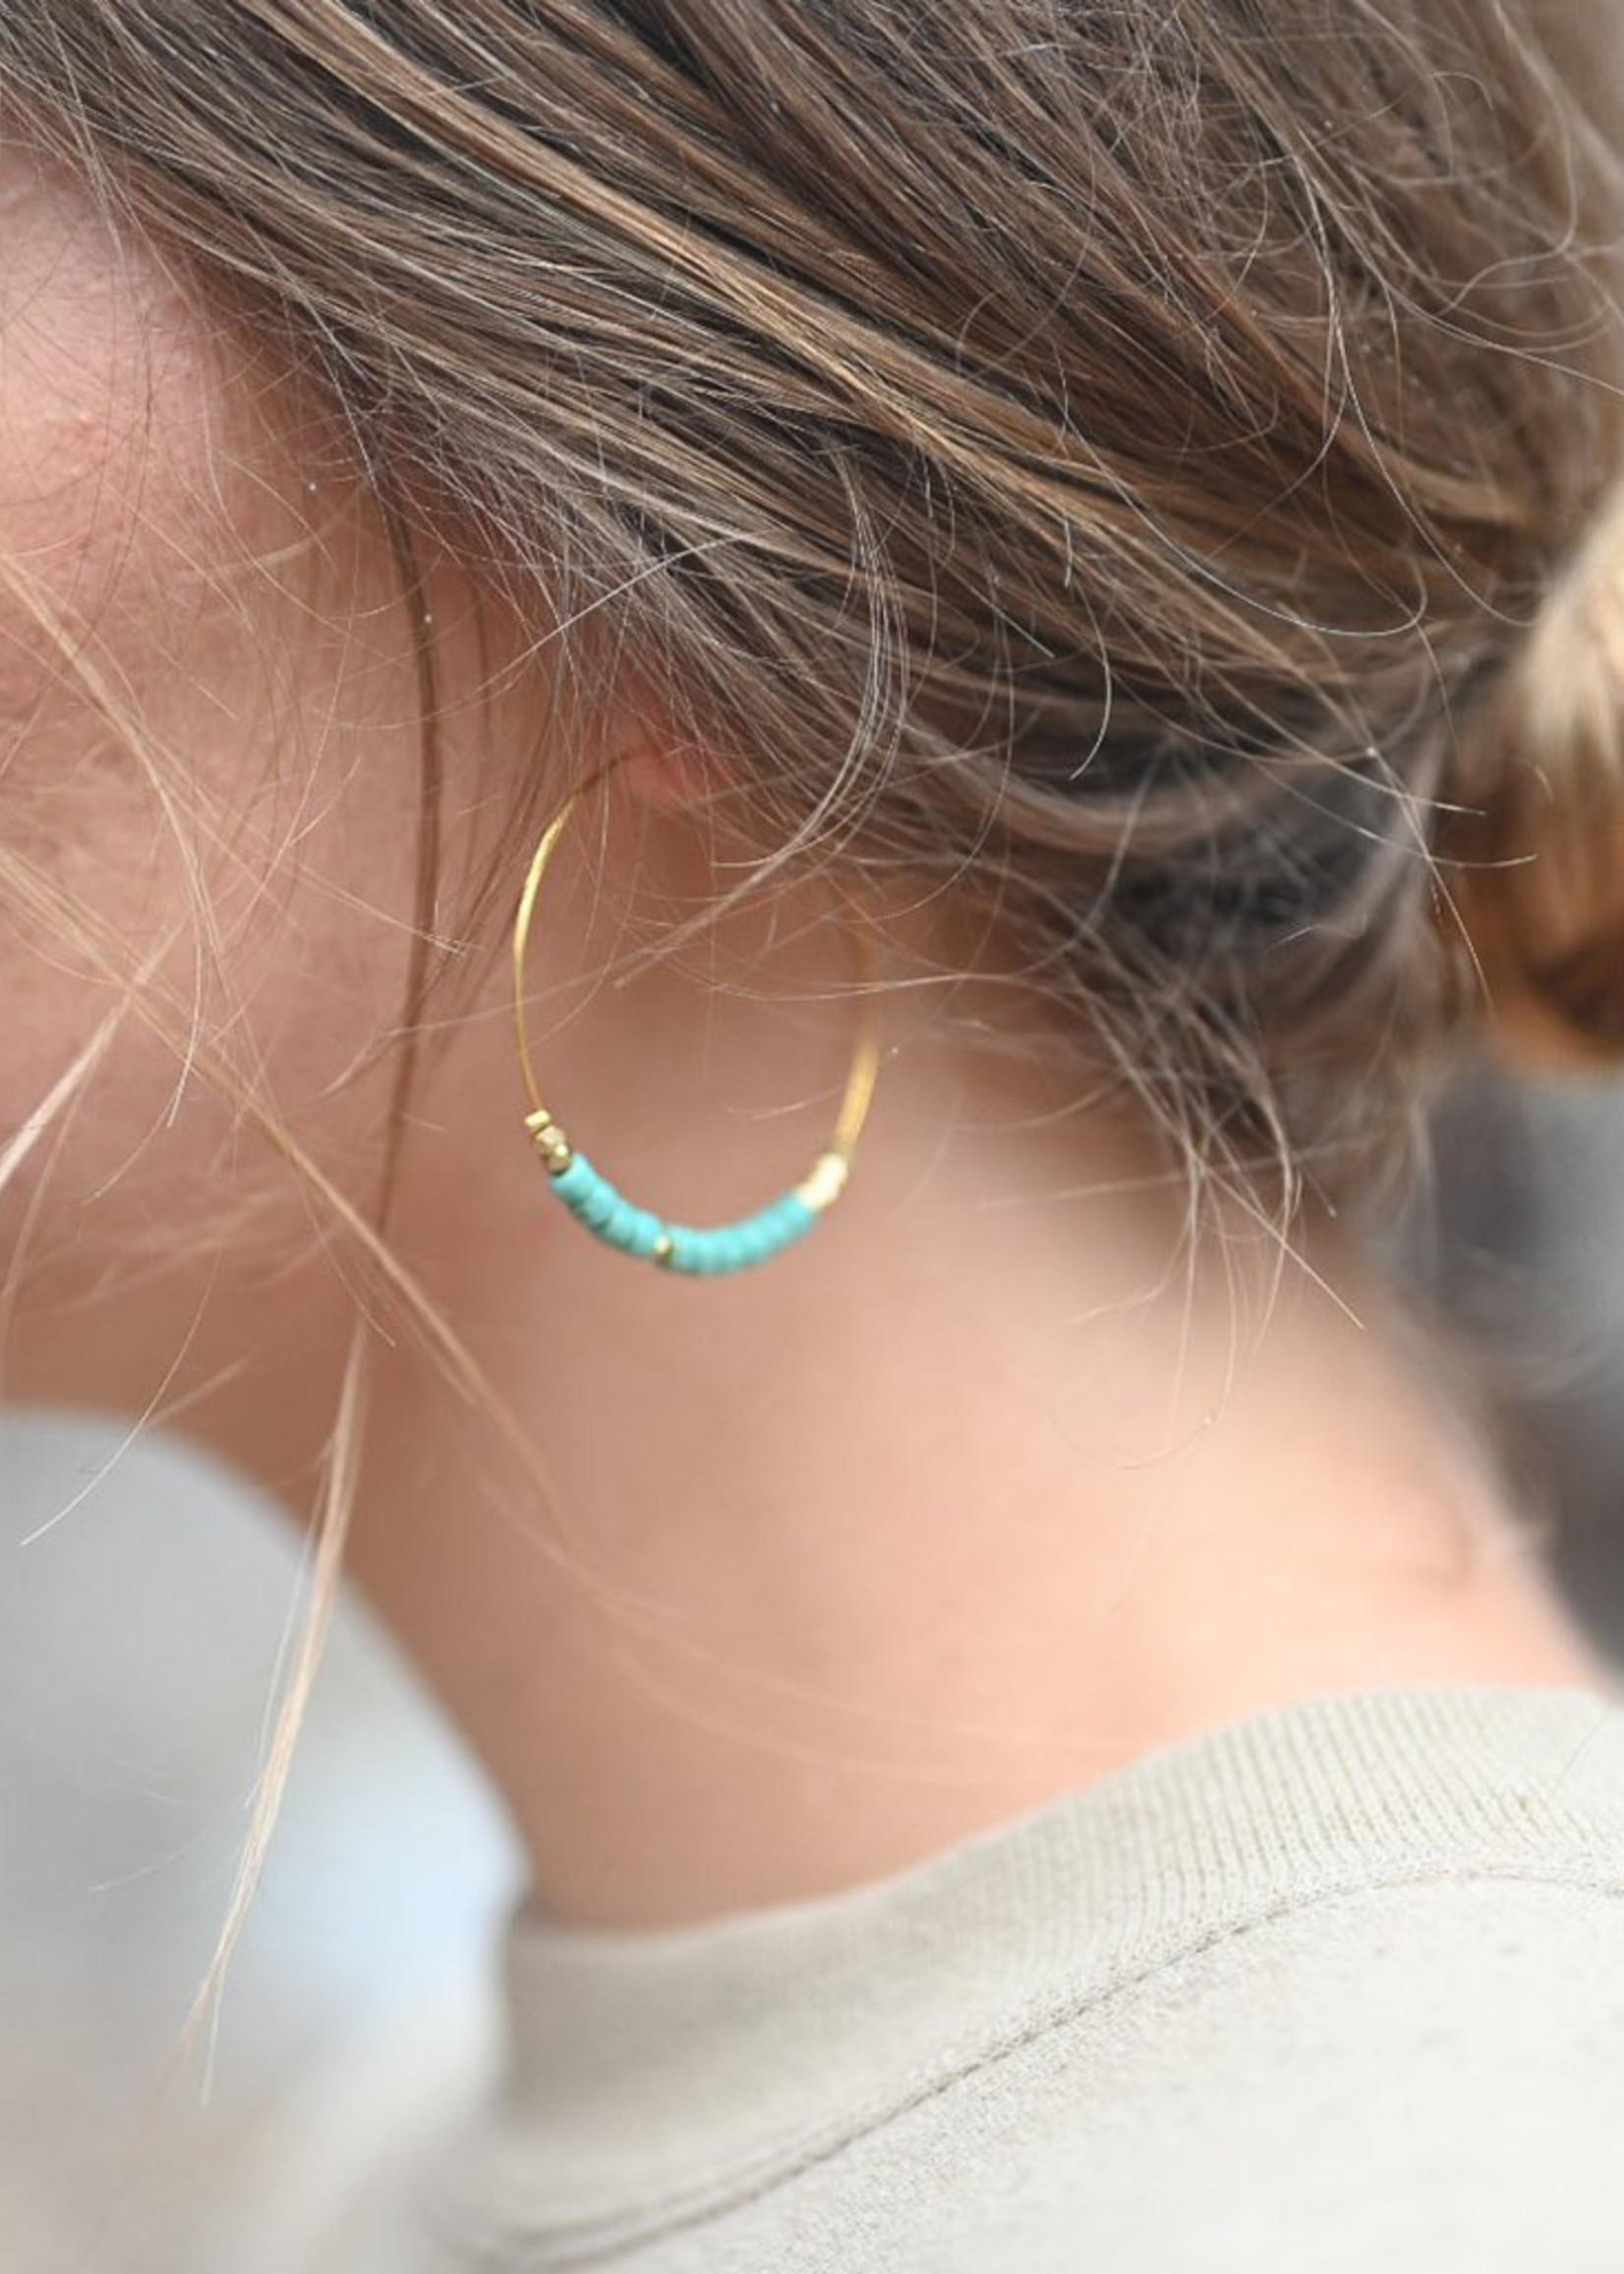 Morse Code HOPE Earrings